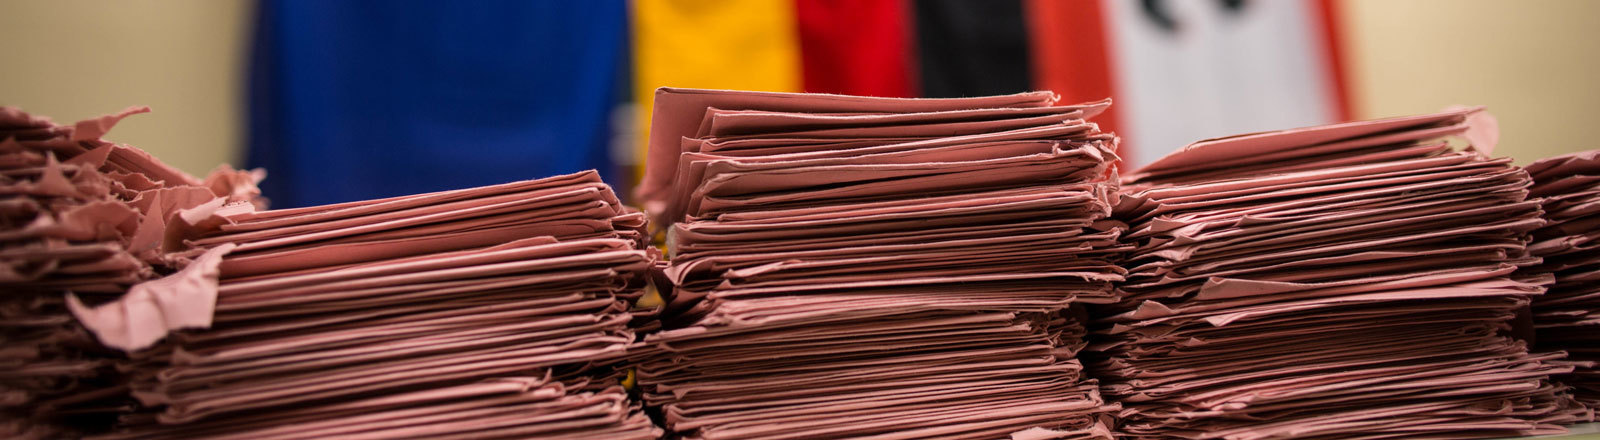 Rote Wahlbriefe liegen am 22.09.2013 in einem Briefwahllokal in Friedrichshain in Berlin.